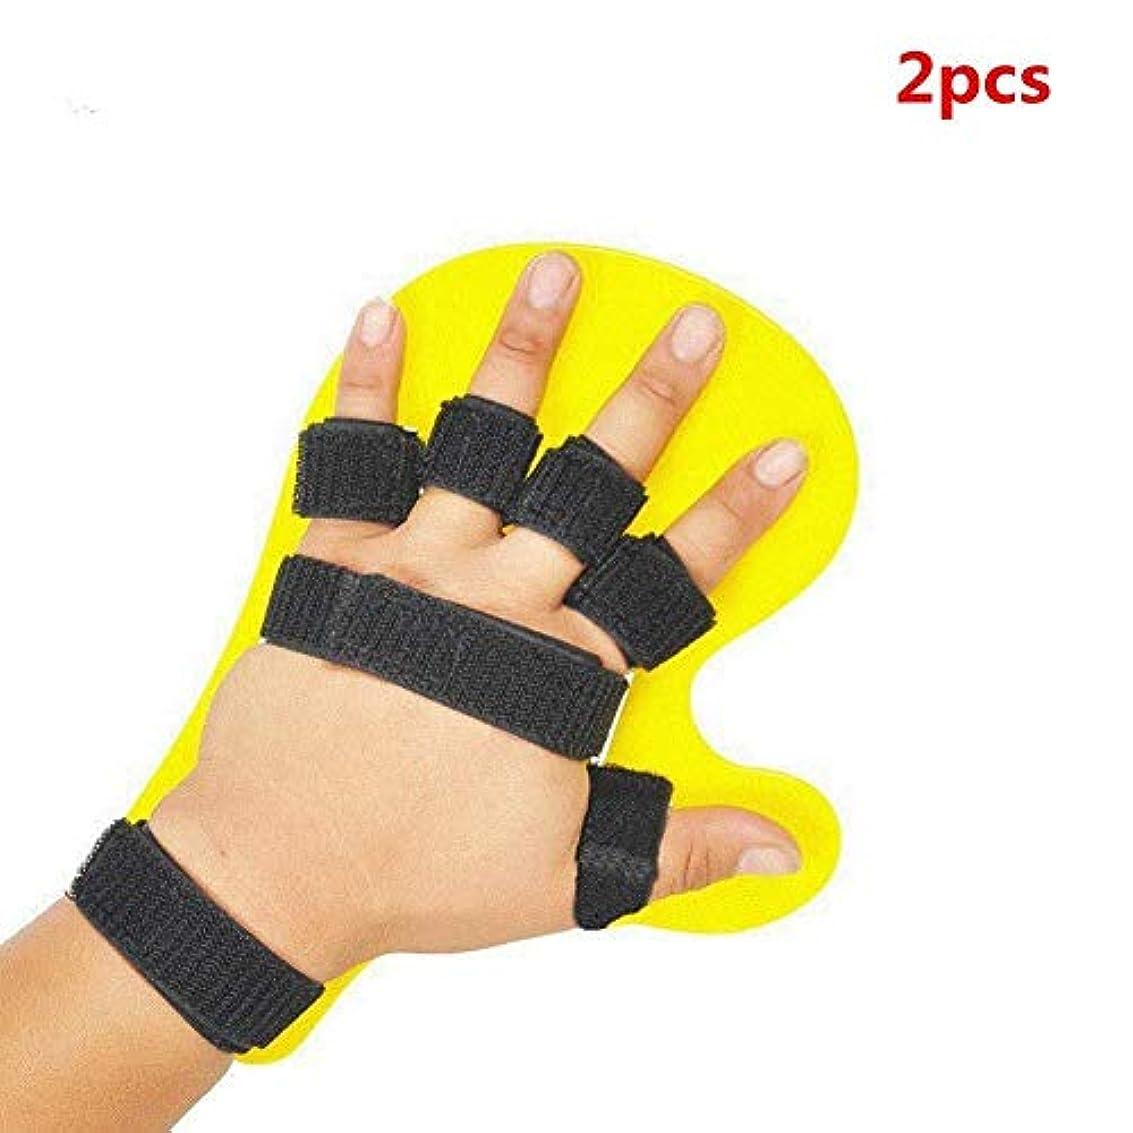 会話型仲人クランプ指のトレーニングデバイス、ABS調整可能な大人の指装具の指/脳卒中/片麻痺/外傷性脳損傷理学療法2ポイント(左右ユニバーサル)